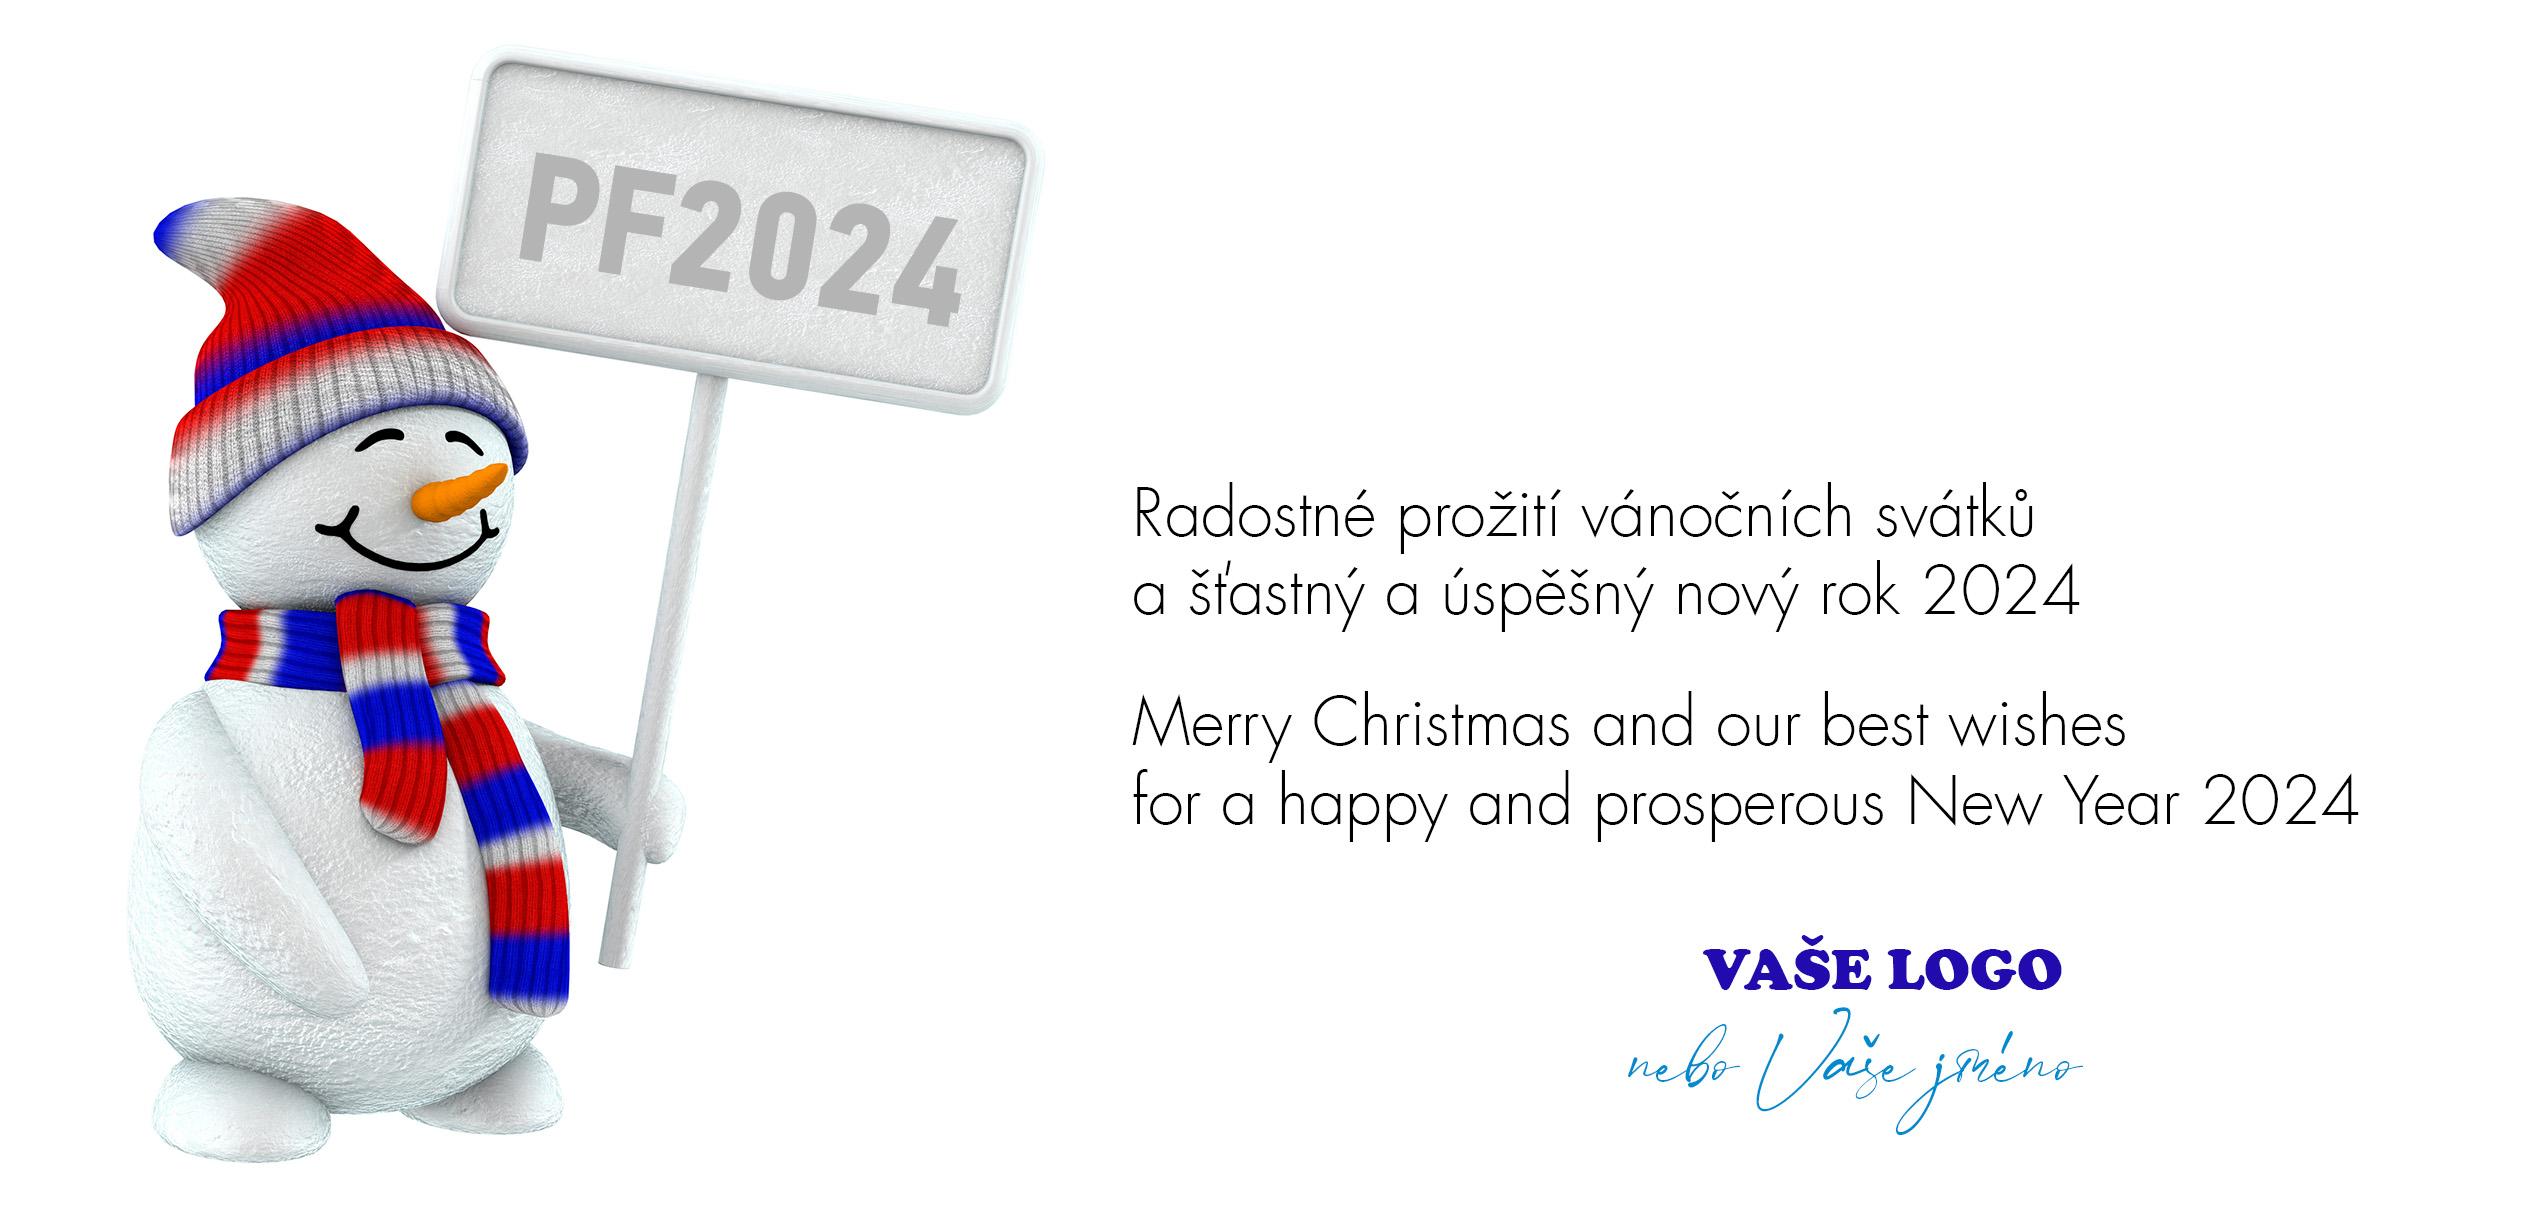 Veselý sněhulák s duhovou čepicí a šálou držící silniční ceduli s novoročenkou pro nadcházející rok potěší všechny, co mají rádi roztomilá vánoční přání s vtipem.